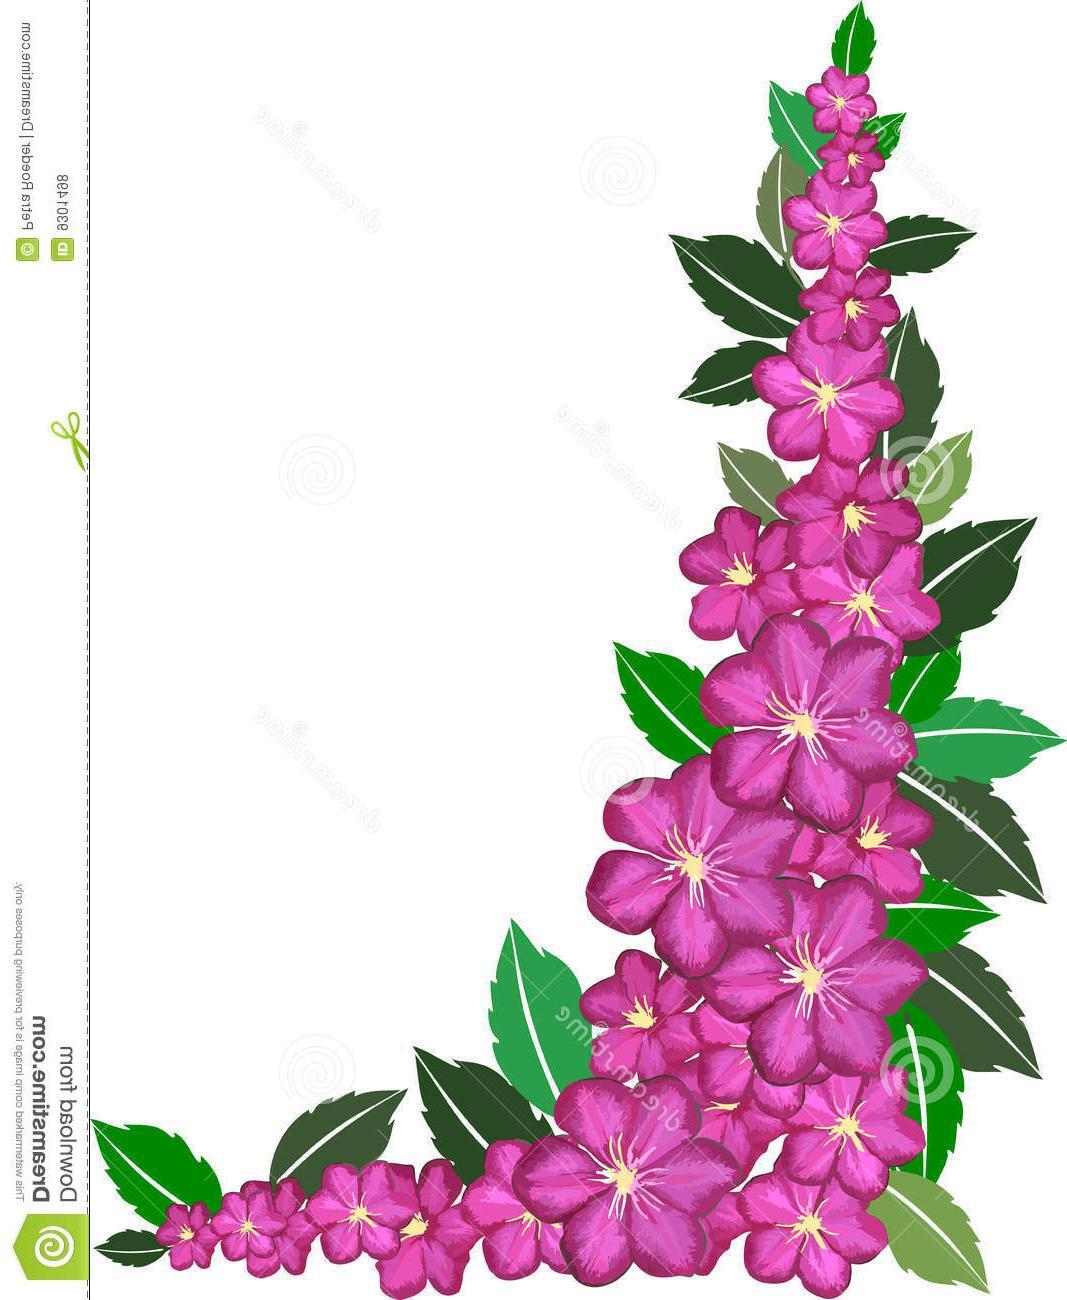 Pink Flower Borders